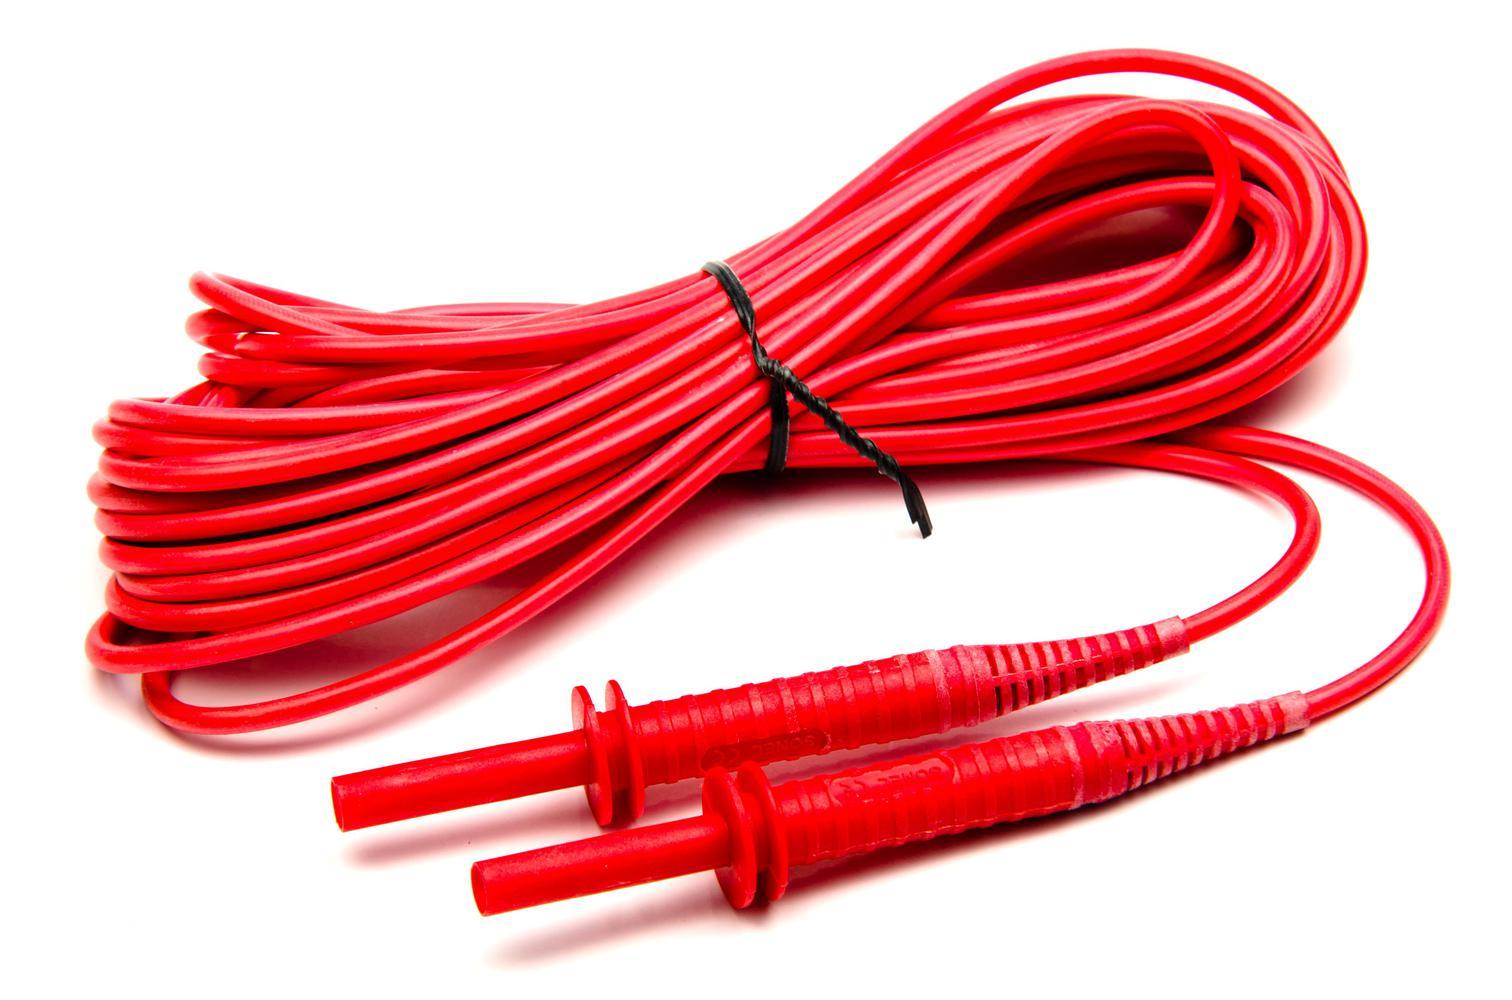 Przewód 10 m czerwony 5 kV (wtyki bananowe)